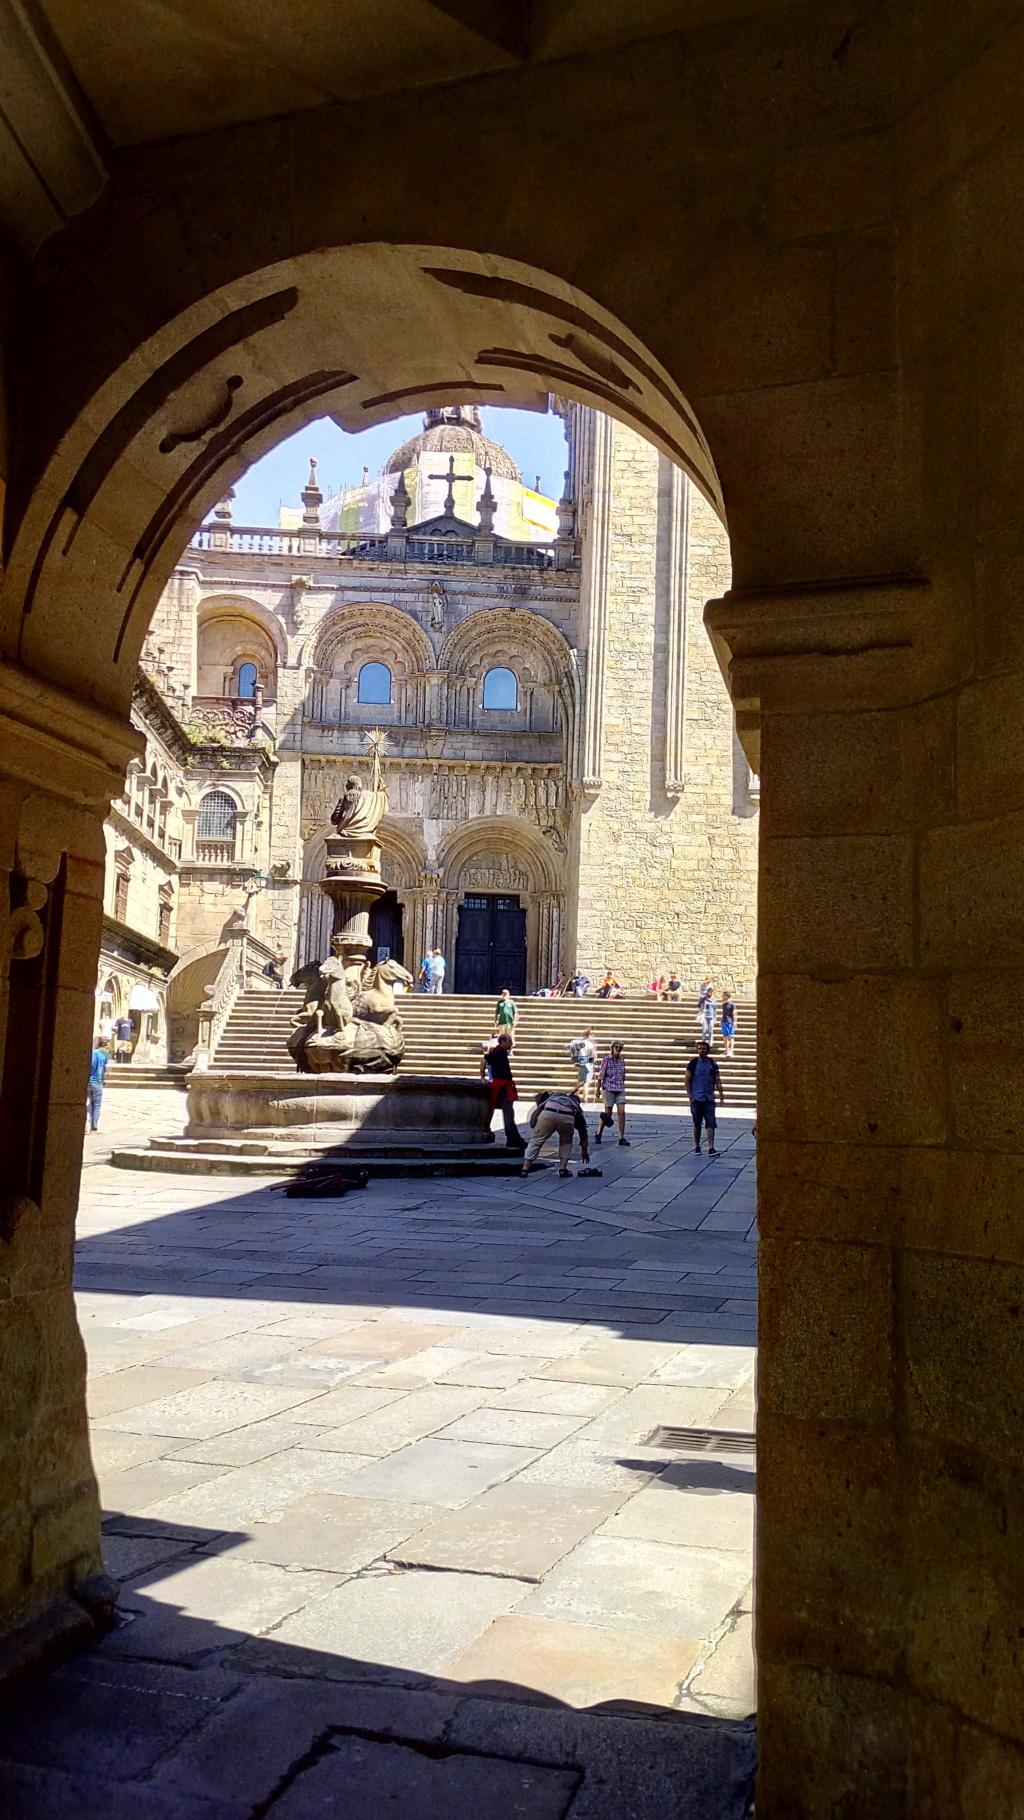 Desde laDesde la Rúa del Villar, vista del la plaza del Toral con su famosa Fuente de los Caballos y al fondo acceso a la Catedral (Único tramo románico que se conserva)